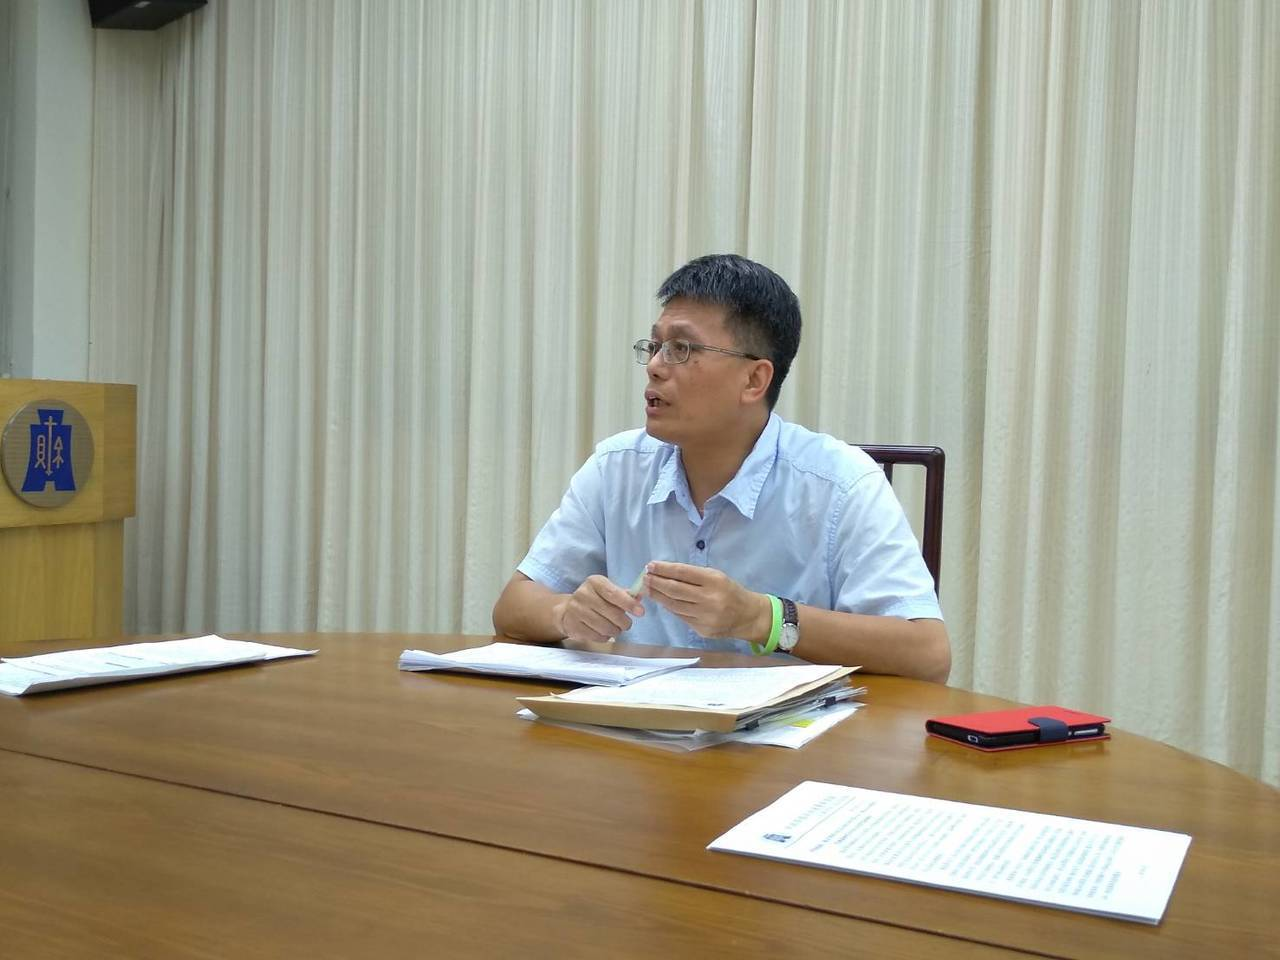 國產署副署長李政宗。攝影/翁至威